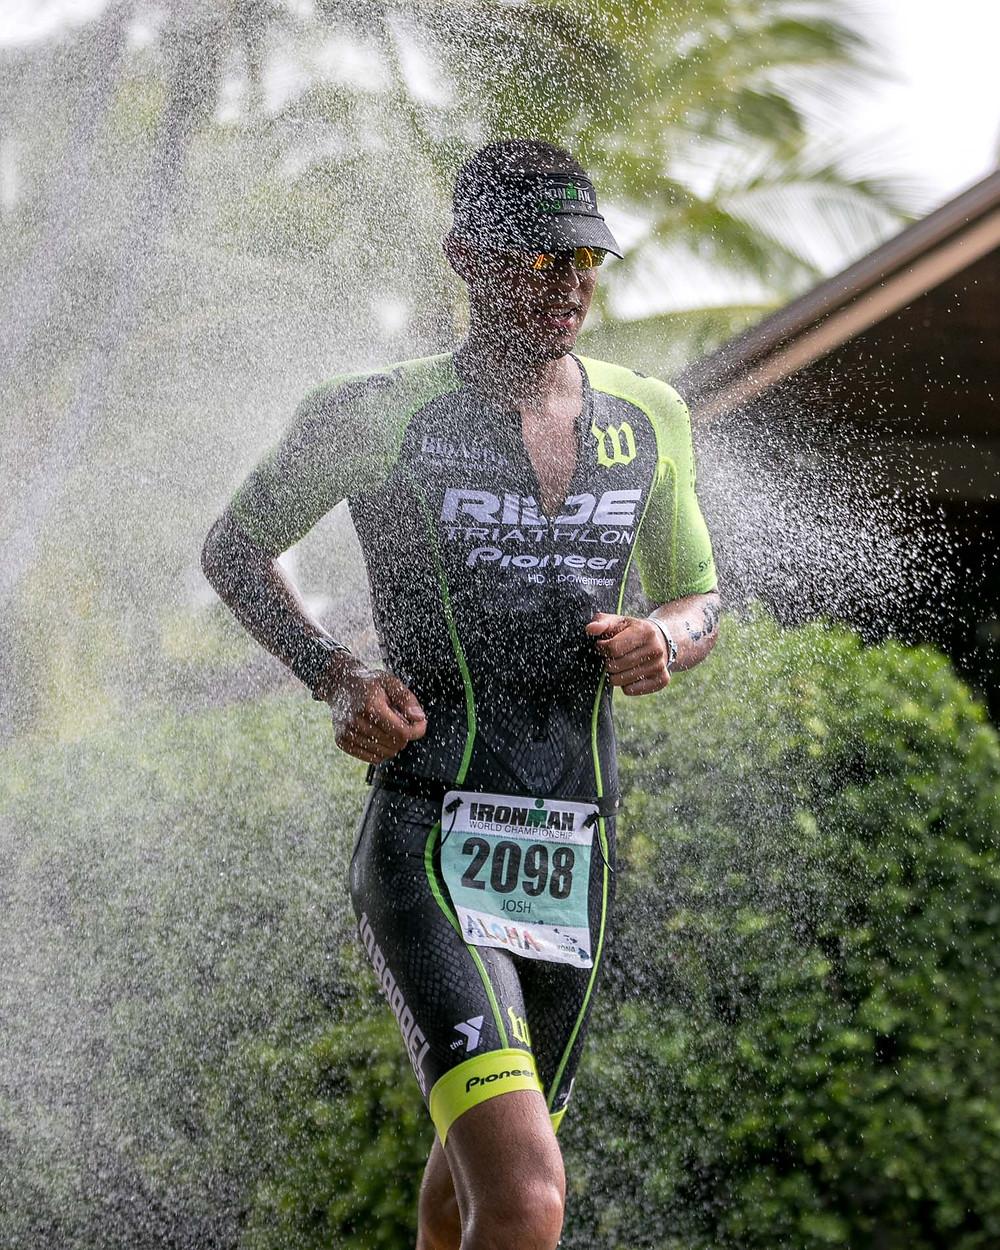 2017 Ironman World Championship Hawaii Mens Athletes Visor